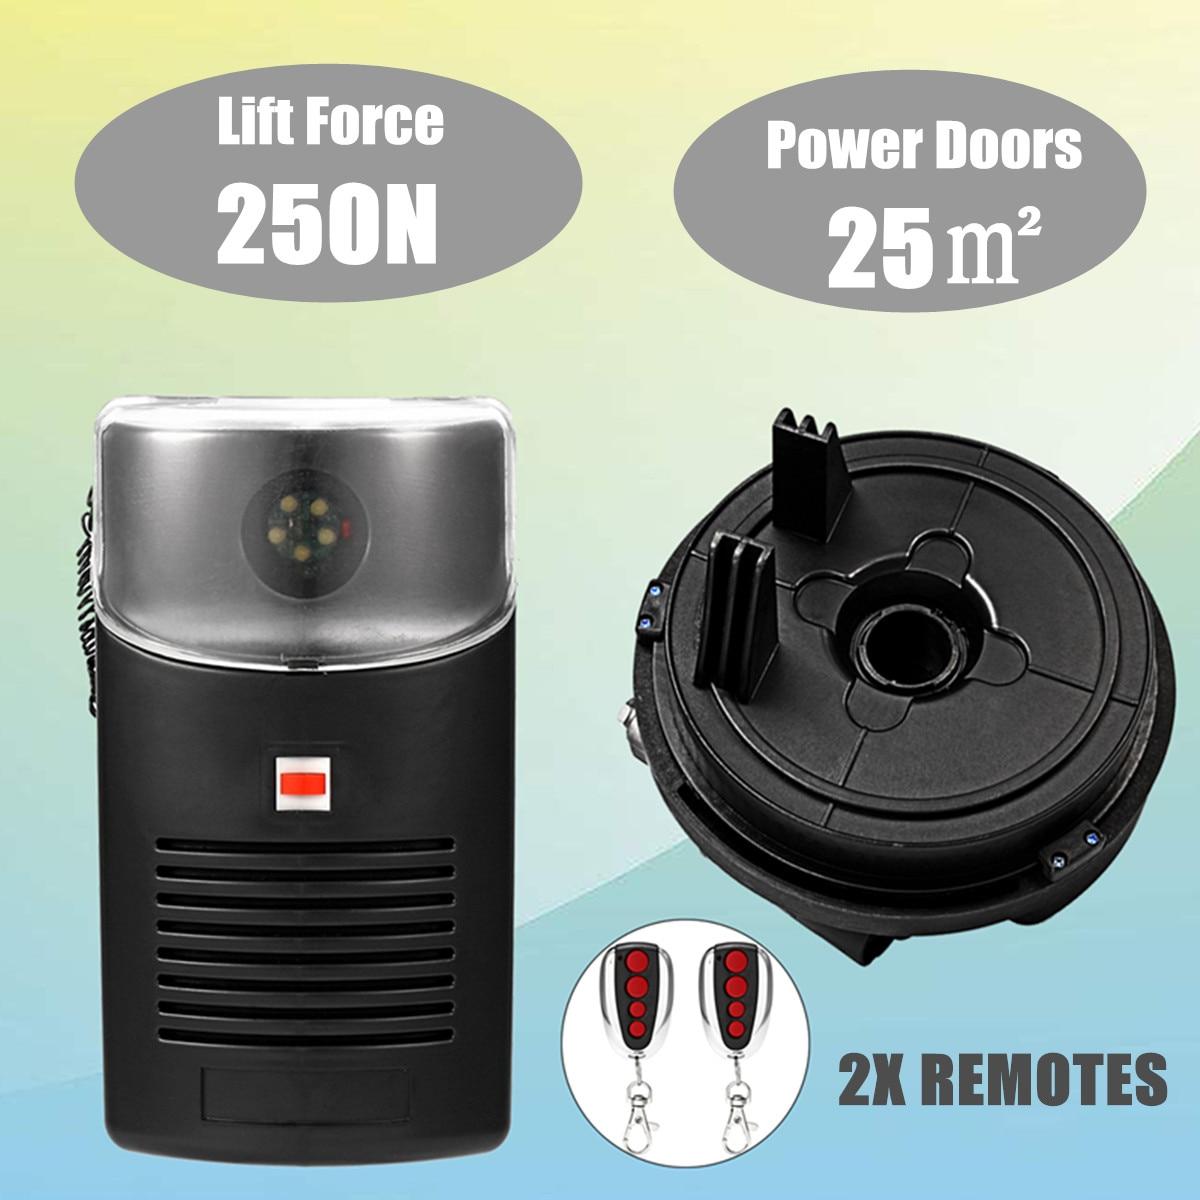 80 W 433 MHZ 250N ouvre-porte de rouleau de Garage moteur porte roulante automatique télécommande porte coulissante Machine ouvre-porte électrique - 6